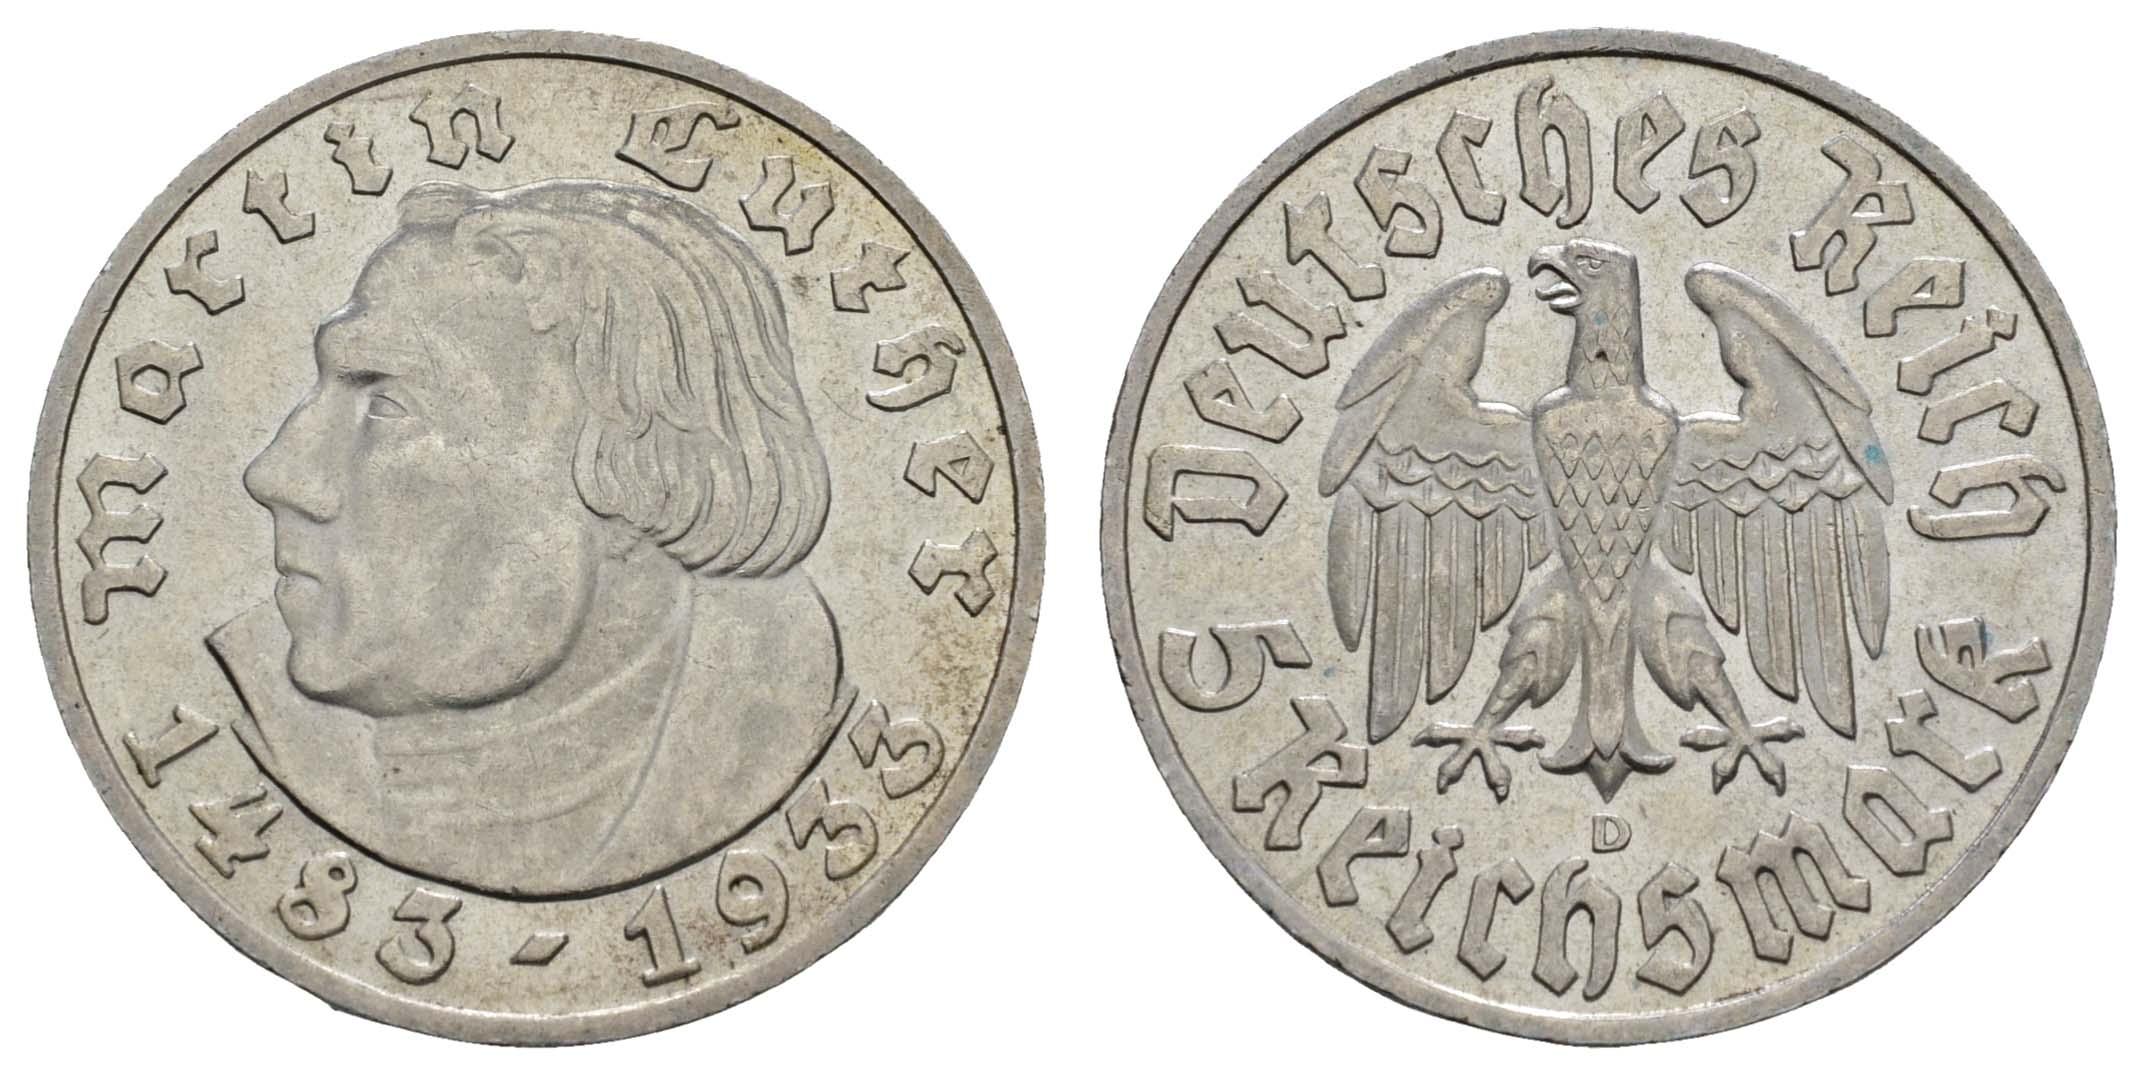 Lot 1077 - deutschland iii. reich -  Auktionshaus Ulrich Felzmann GmbH & Co. KG Coins single lots